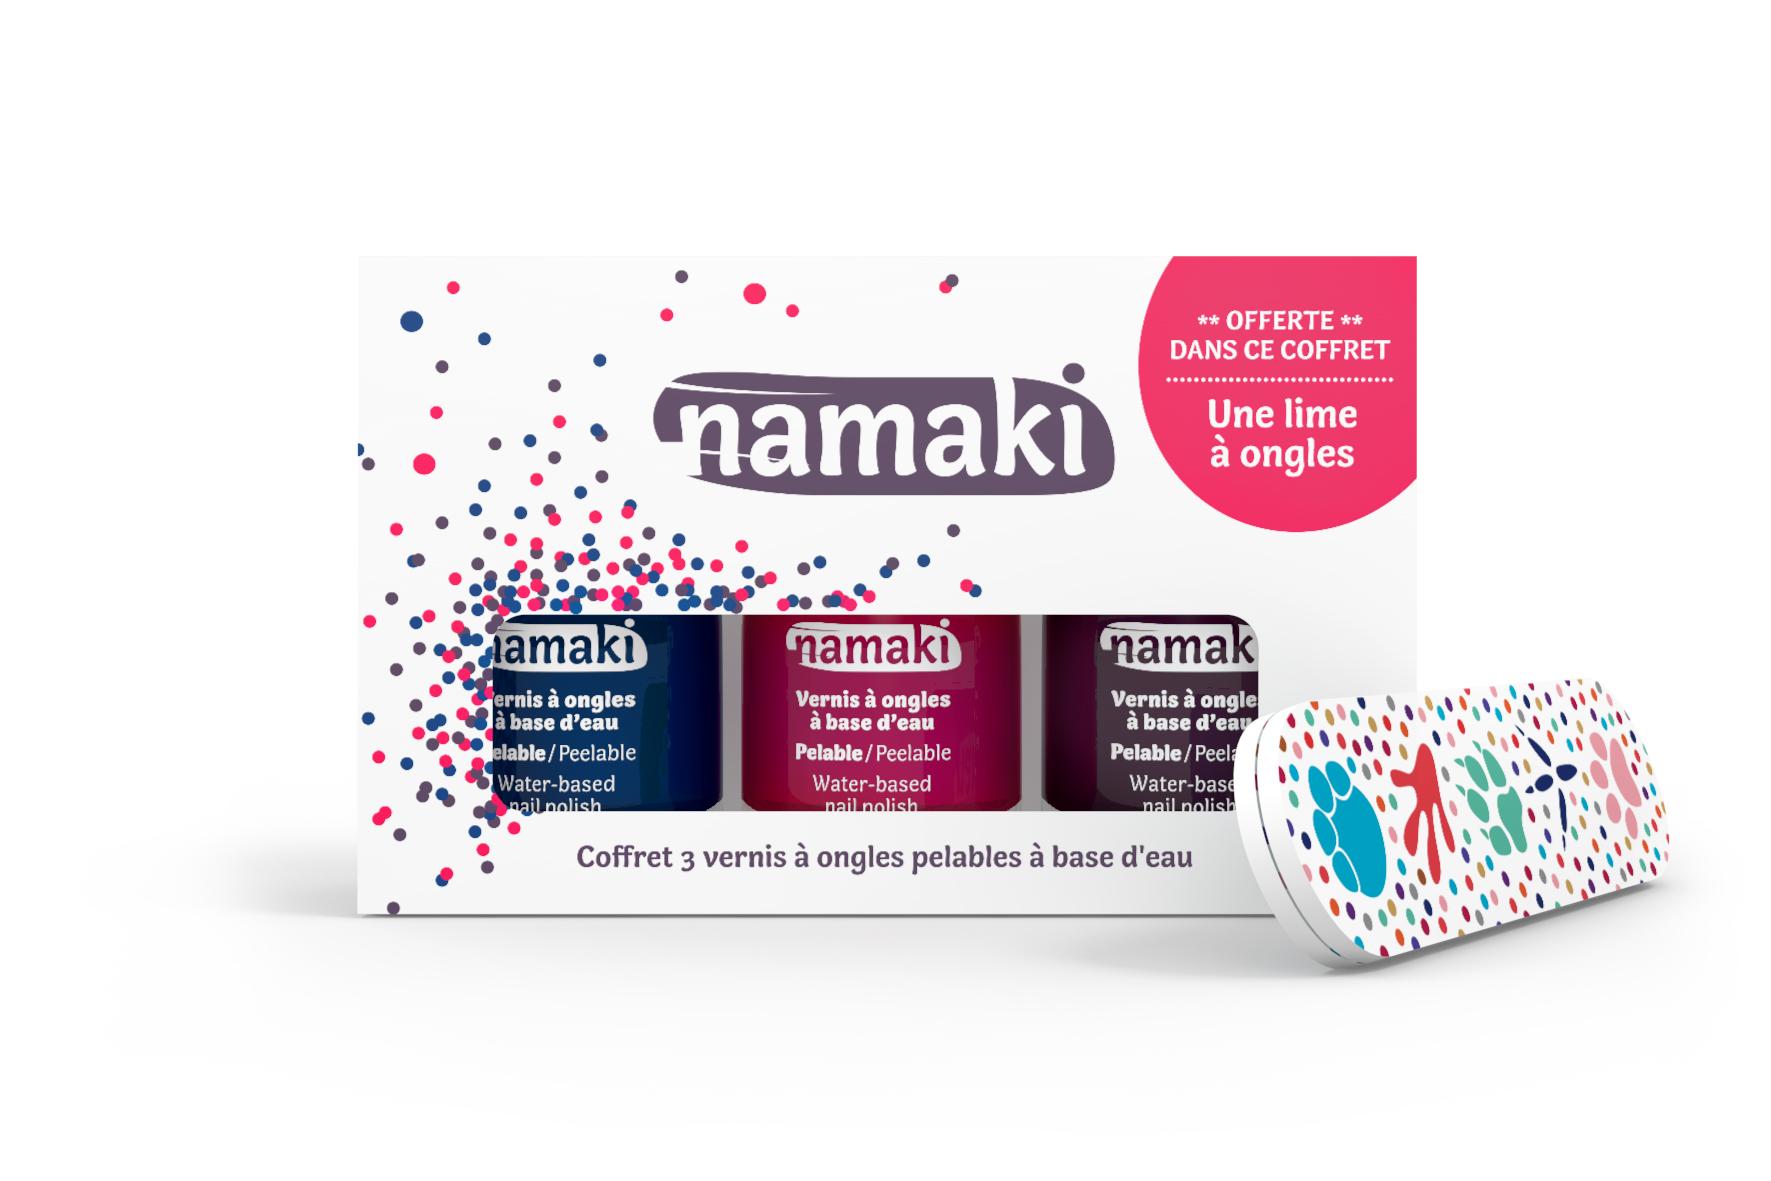 Namaki sur Doux Good - Coffret 3 vernis Namaki Bleu nuit-Griotte-Prune-lime à ongles offerte